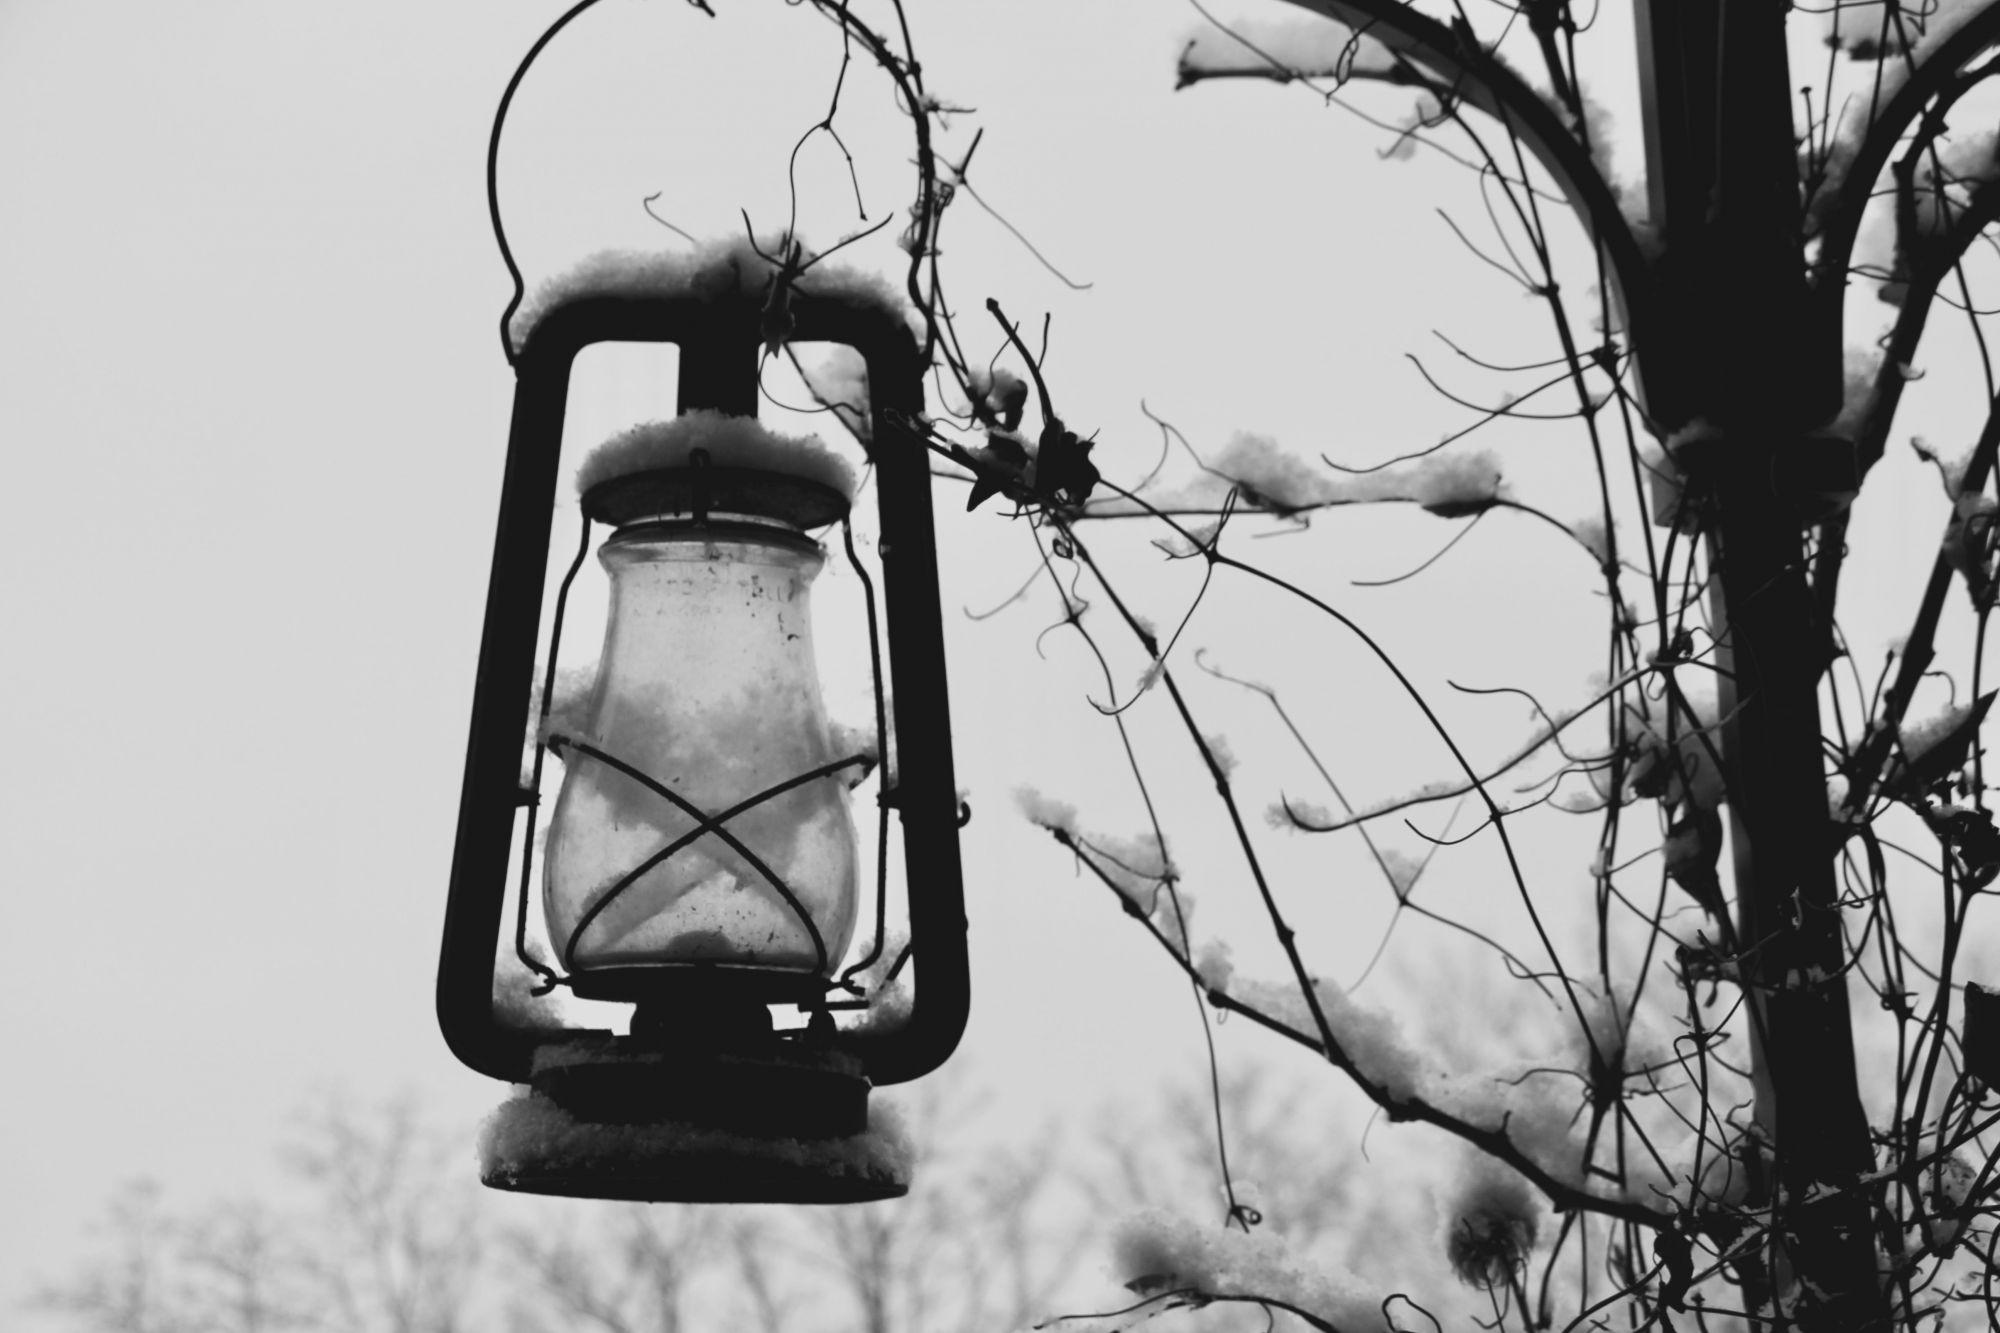 Lampe sous la neige